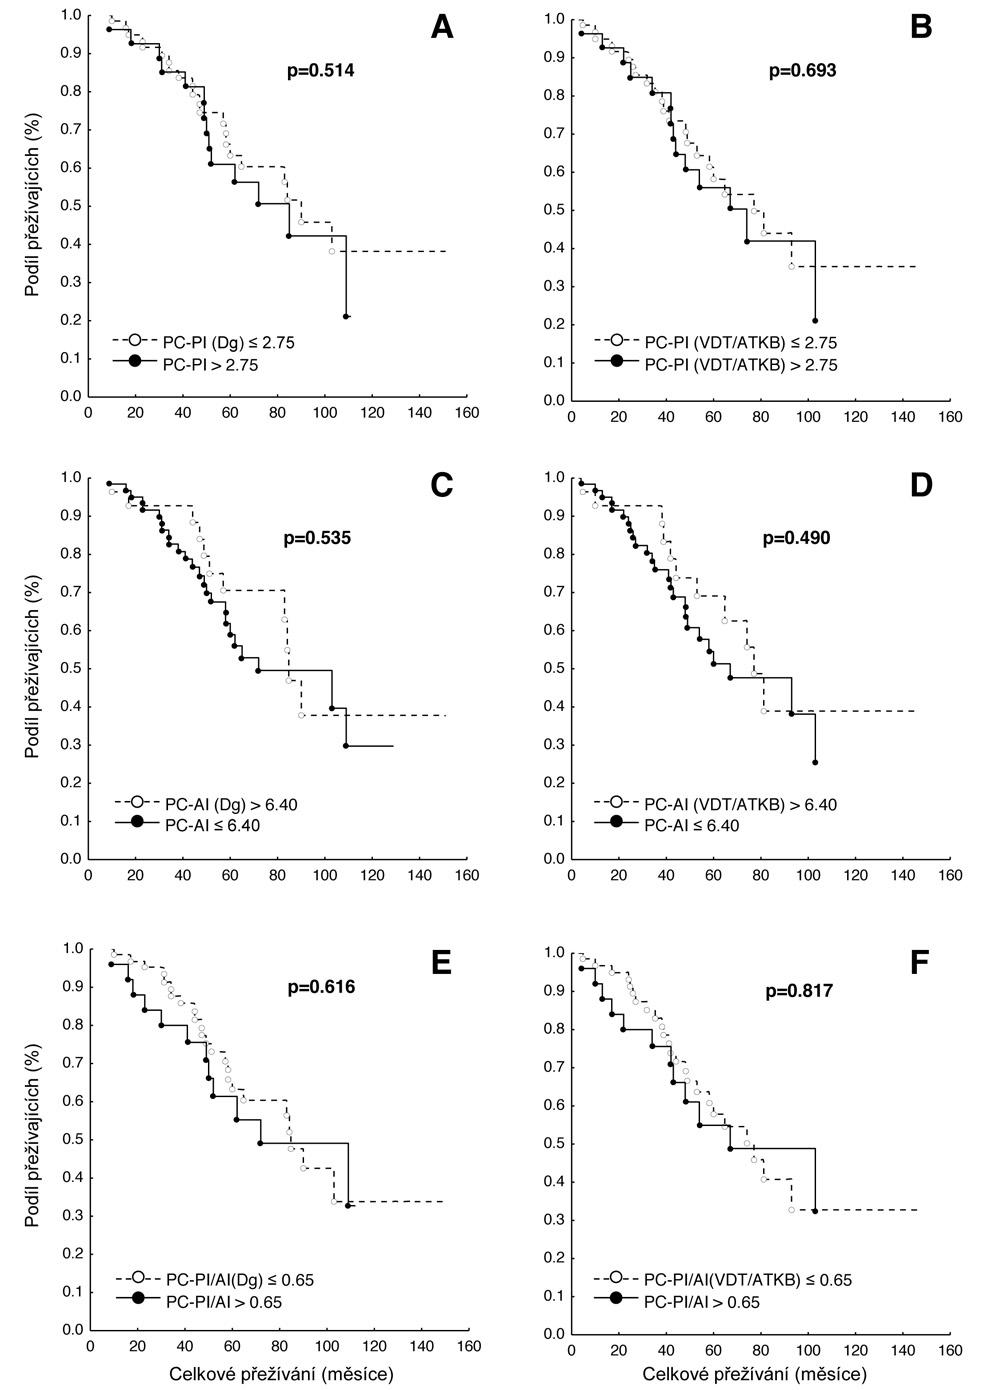 Křivky přežití dle Kaplan-Meiera v souboru 91 nemocných léčených vysokodávkovanou chemoterapií s podporou autologní transplantace kmenových buněk (VDT/ATKB) sestrojené jednak od data diagnózy (Dg.) mnohočetného myelomu (MM), jednak od data VDT/ATKB a to s ohledem na hodnoty proliferačního indexu plazmatických buněk (PC-PI, propidium-jodidový index) a na hodnoty apoptotického indexu (PC-AI, annexin V index). Statistické rozdíly byly hodnoceny s pomocí log-rank trestu (p<0,05). A Křivky přežití dle výše PC-PI (cut off 2,75) při diagnóze MM, mediány celkového přežití (OS) 90 vs 85 měsíců (p=0,514). B Křivky přežití dle výše PC-PI (cut off 2,75) po VDT/ATKB, mediány OS 77 vs. 74 měsíců (p=0,693).  C Křivky přežití dle výše PC-AI (cut off 6,40) při diagnóze MM, mediány OS 85 vs. 72 měsíců (p=0,535). D Křivky přežití dle výše PC-AI (cut off 6,40) po VDT/ATKB, mediány OS 77 vs. 67 měsíců (p=0,490). E Křivky přežití dle výše sumárního/poměrného indexu proliferace a apoptózy, tj. PC-PI/AI (cut off 0,65) při diagnóze MM, mediány OS 85 vs. 72 měsíců (p=0,616). F Křivky přežití dle výše sumárního/poměrného indexu proliferace a apoptózy, tj. PC-PI/AI (cut off 0,65) po VDT/ATKB, mediány OS 77 vs. 67 měsíců (p=0,817).